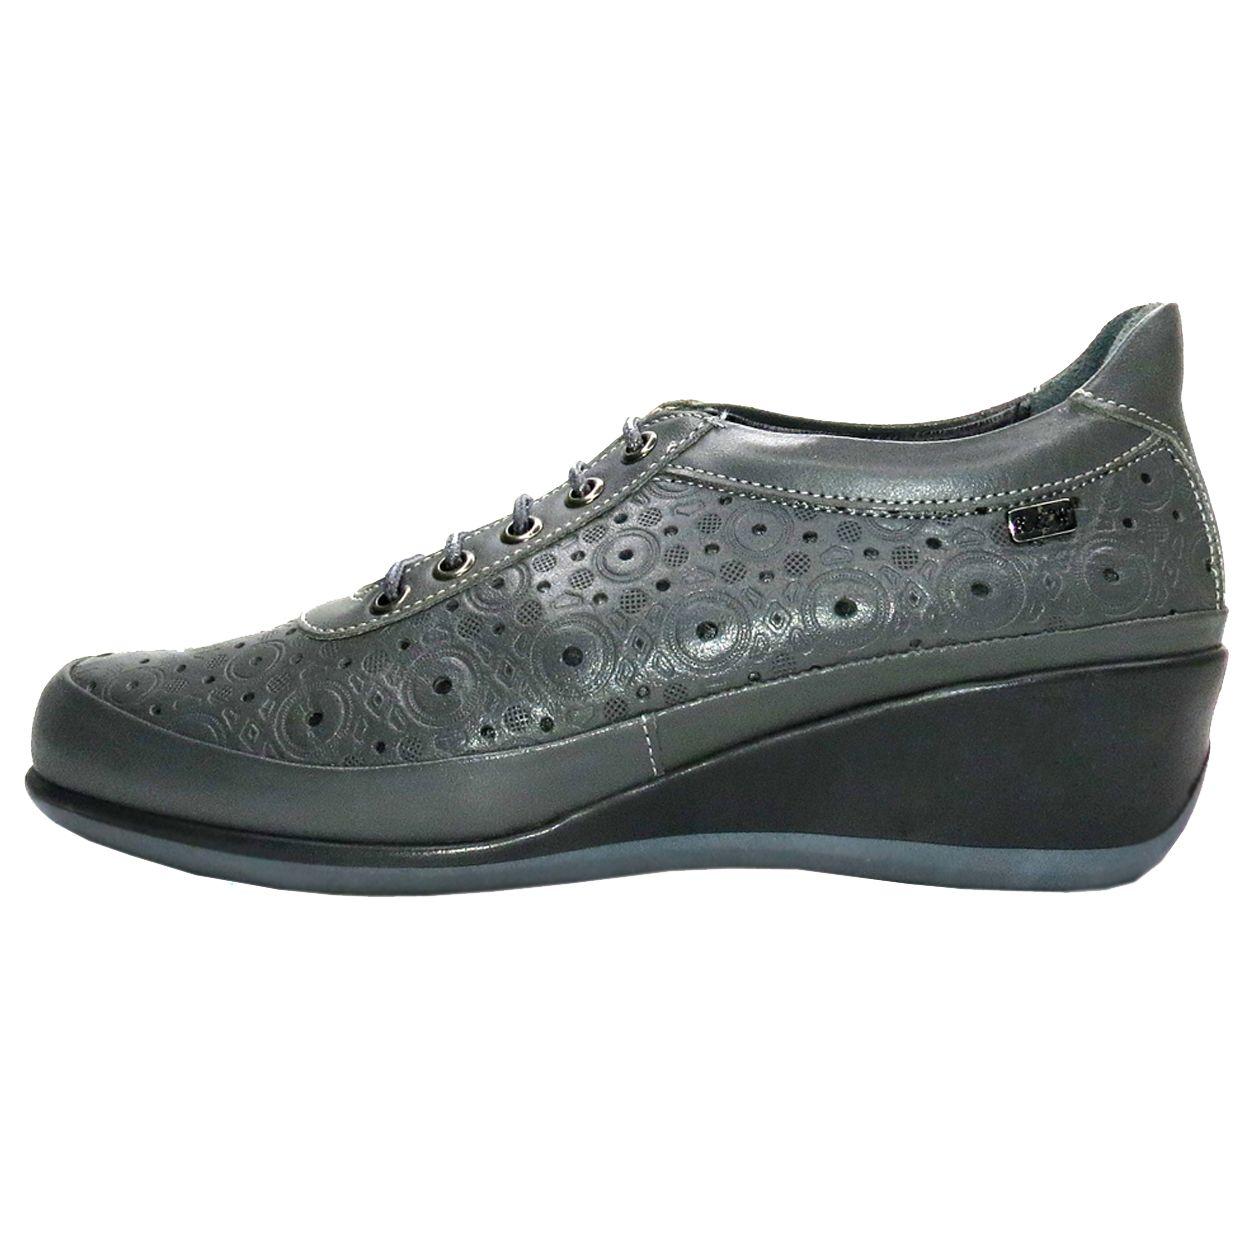 کفش روزمره زنانه آر اند دبلیو مدل 538 رنگ طوسی -  - 2